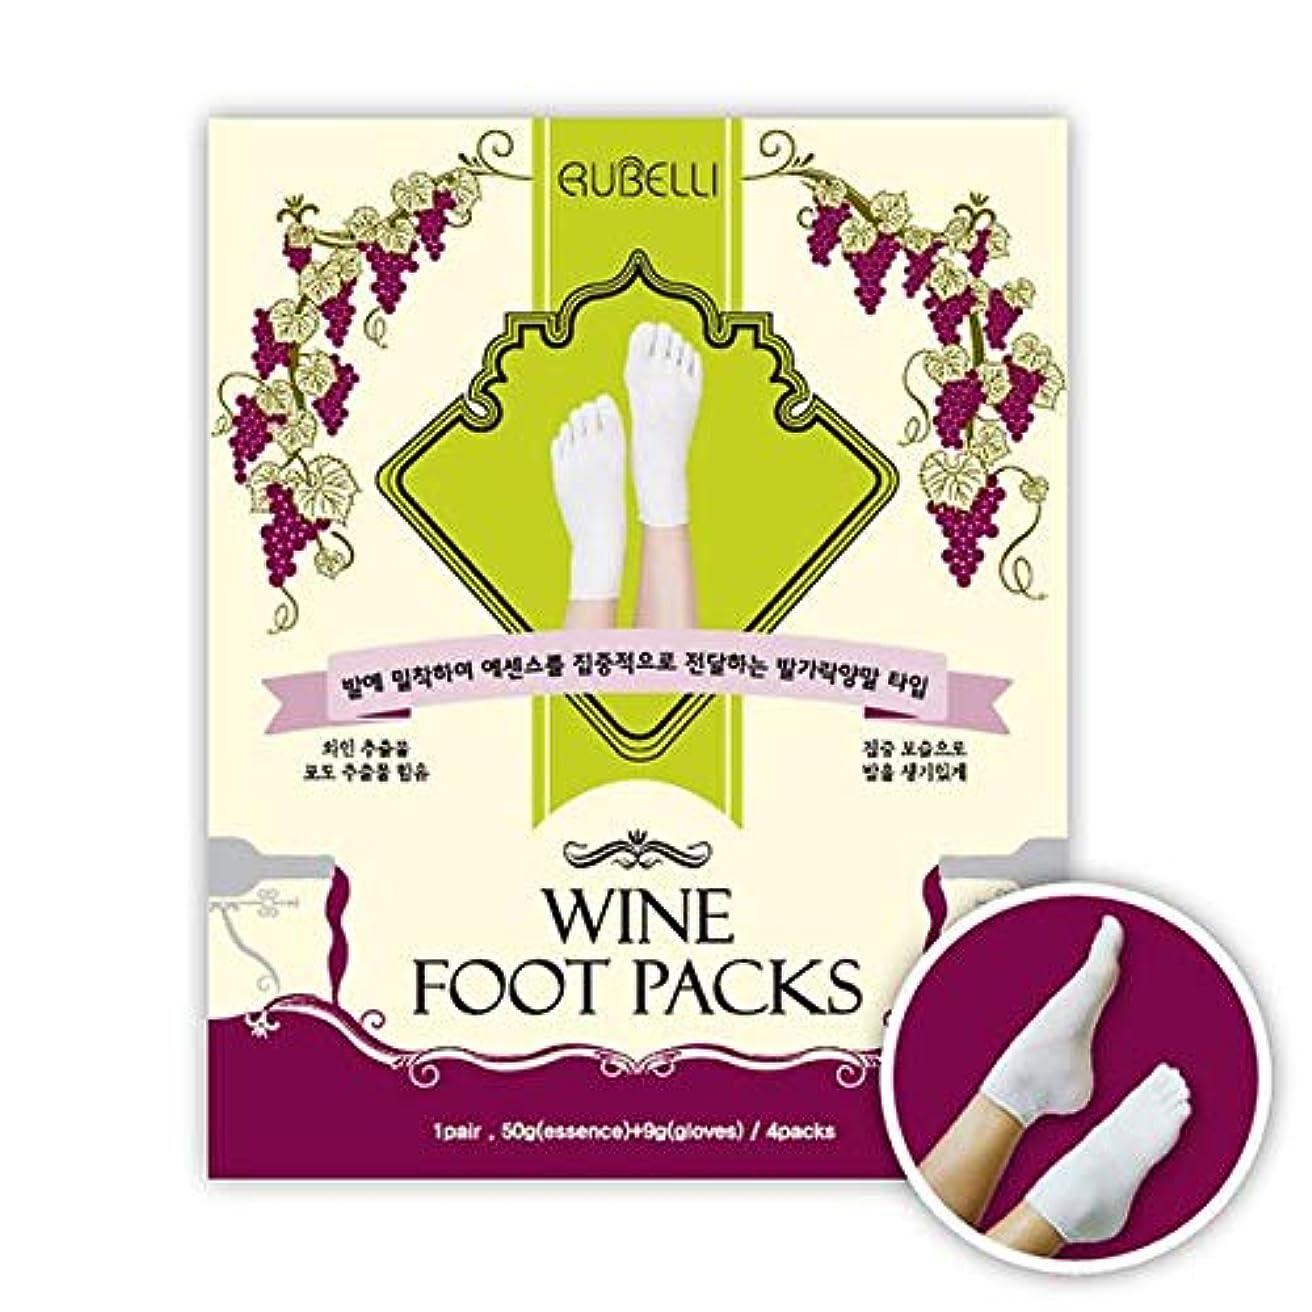 非アクティブ飛ぶ養うルベリ[RUBELLI] ワインフットパック59gx4ea自宅でセルフフットケア、保湿 (Wine Foot Packs)